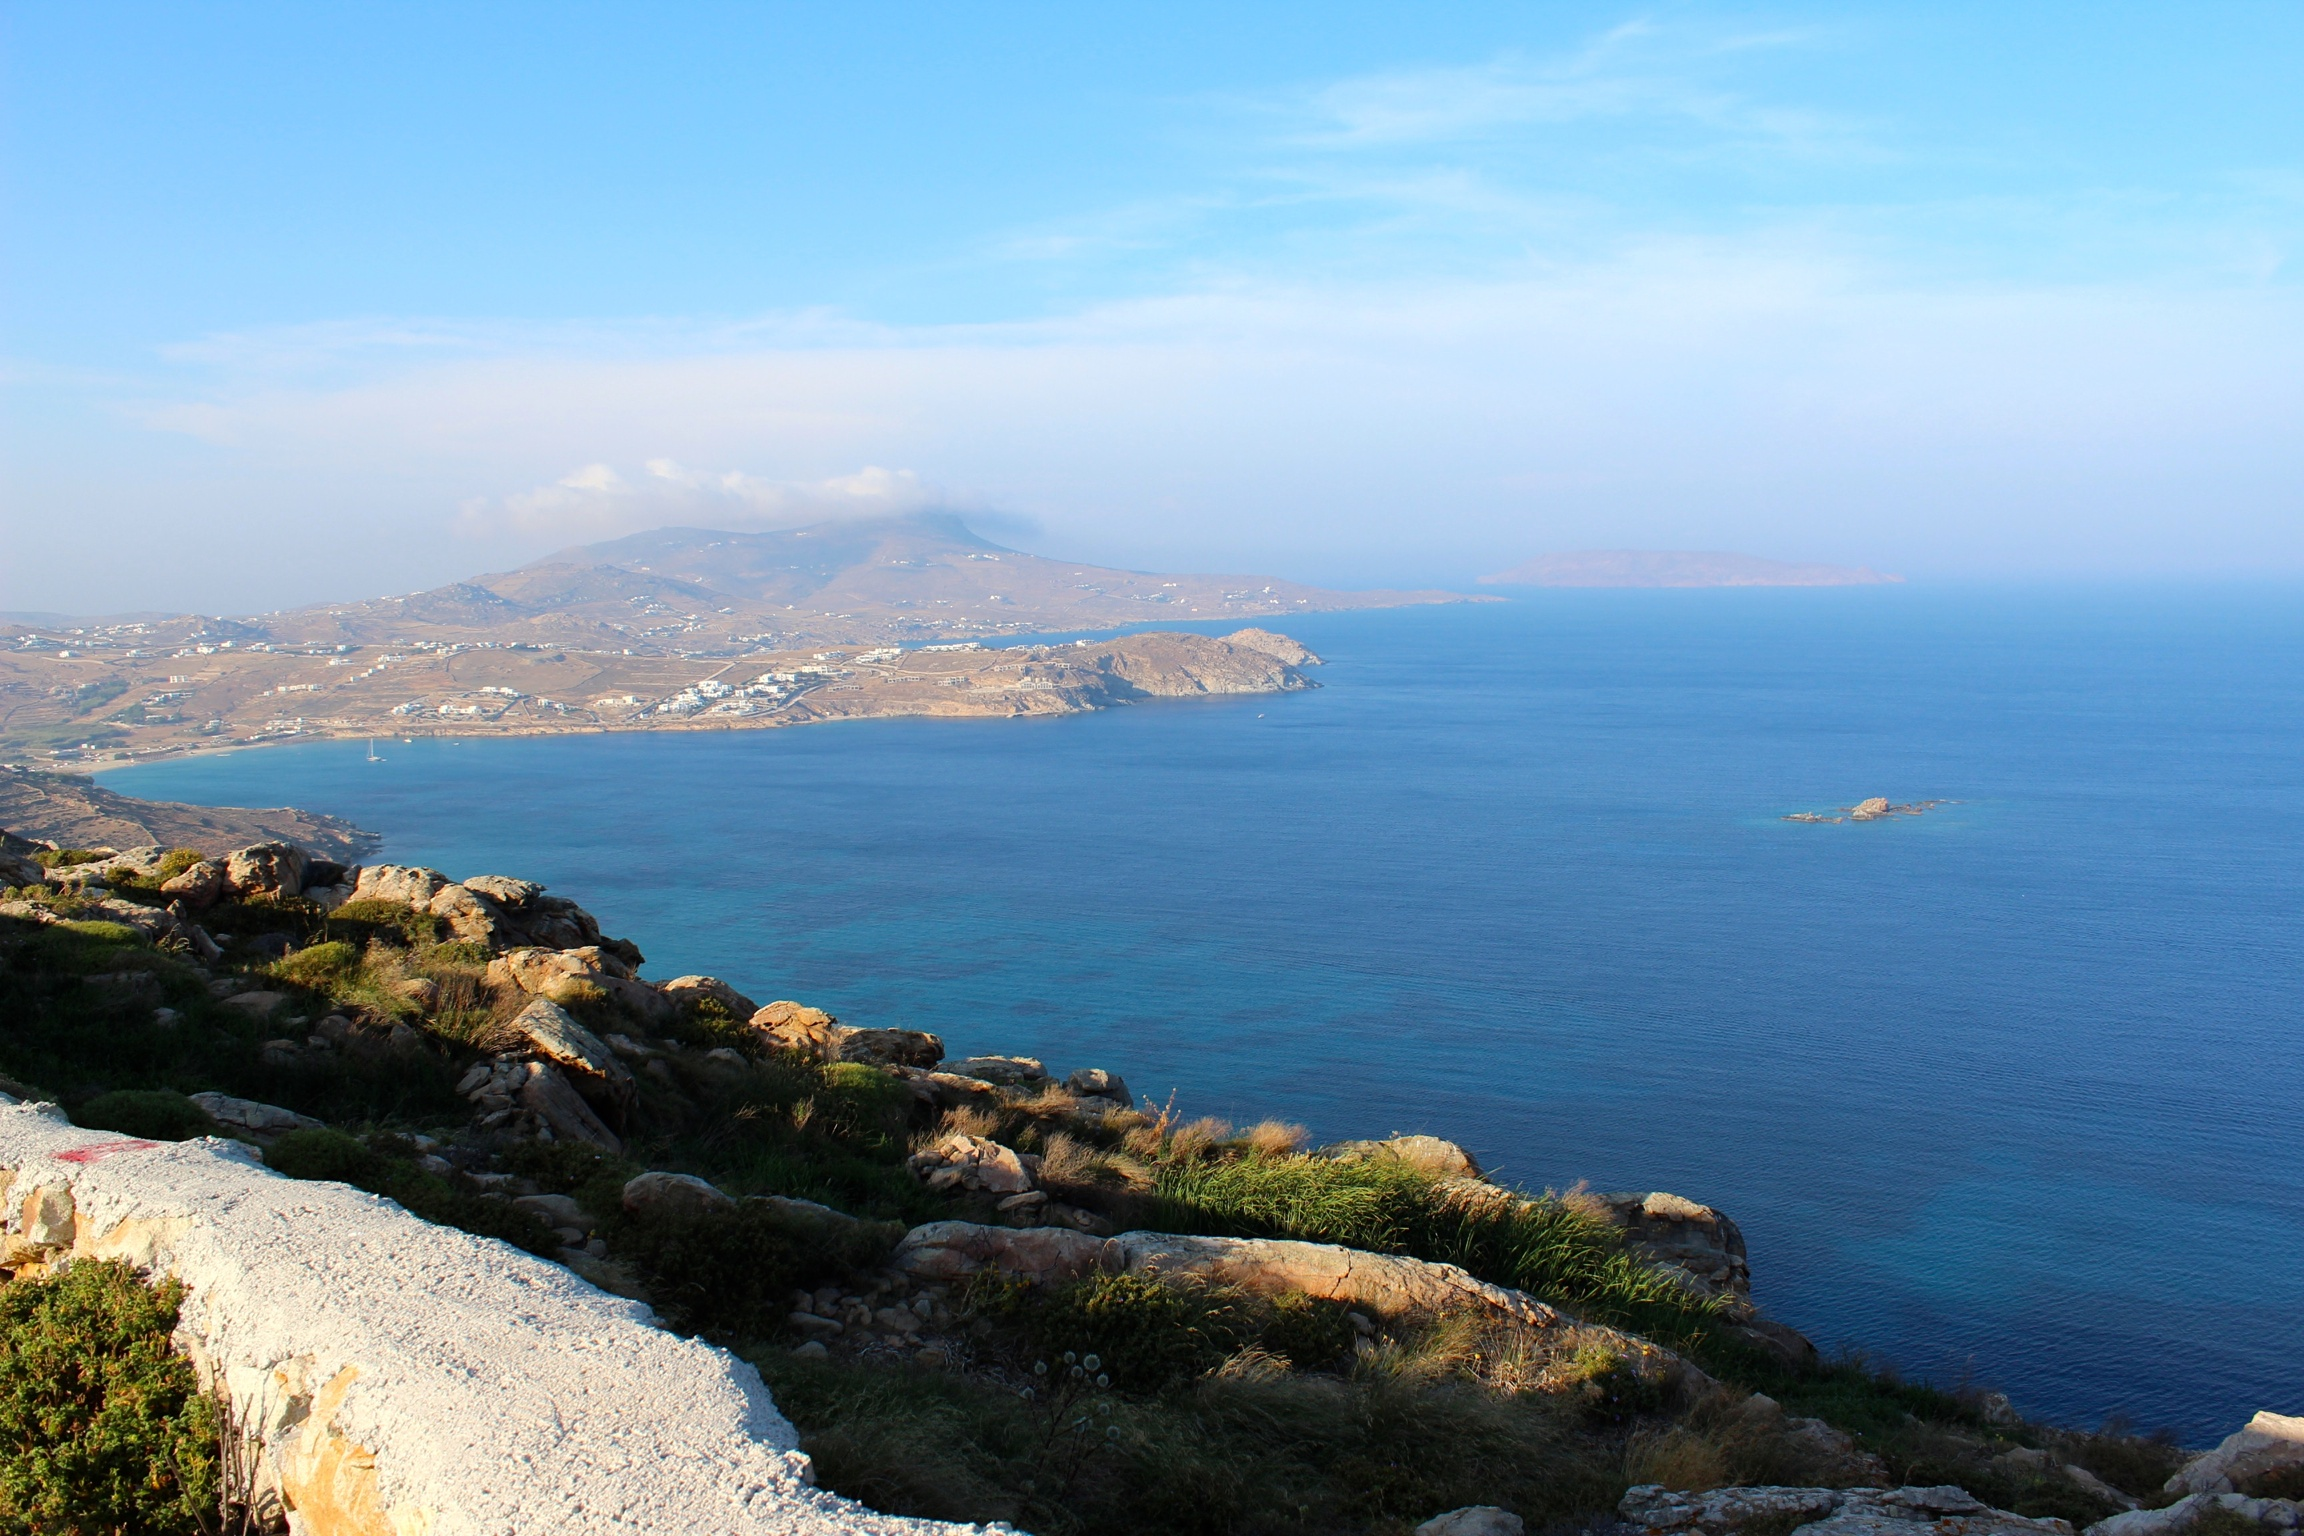 Myconia Villa Collection Griechenland Mykonos Hotelbeschreibung Tipps für Mykonos Blog für Frauen über 40 und über 50. BeFifty Blog für Frauen über 40 und 50. Reisetipps Griechenland.